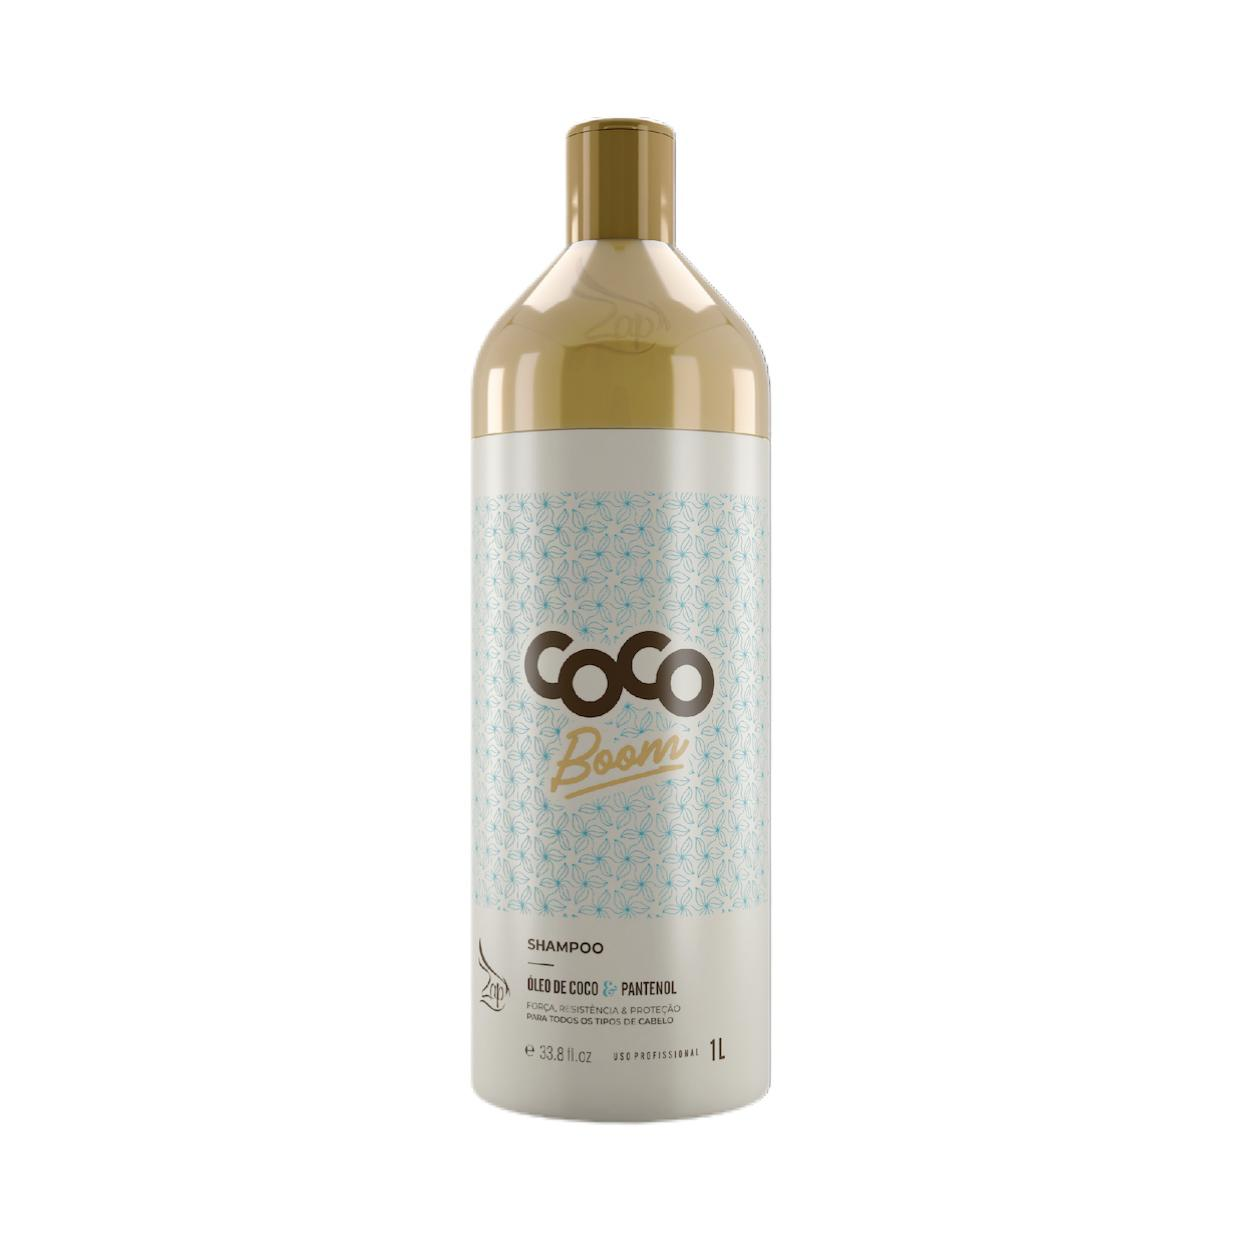 Zap Coco Boom Lavatorio Profissional 1L Shampoo